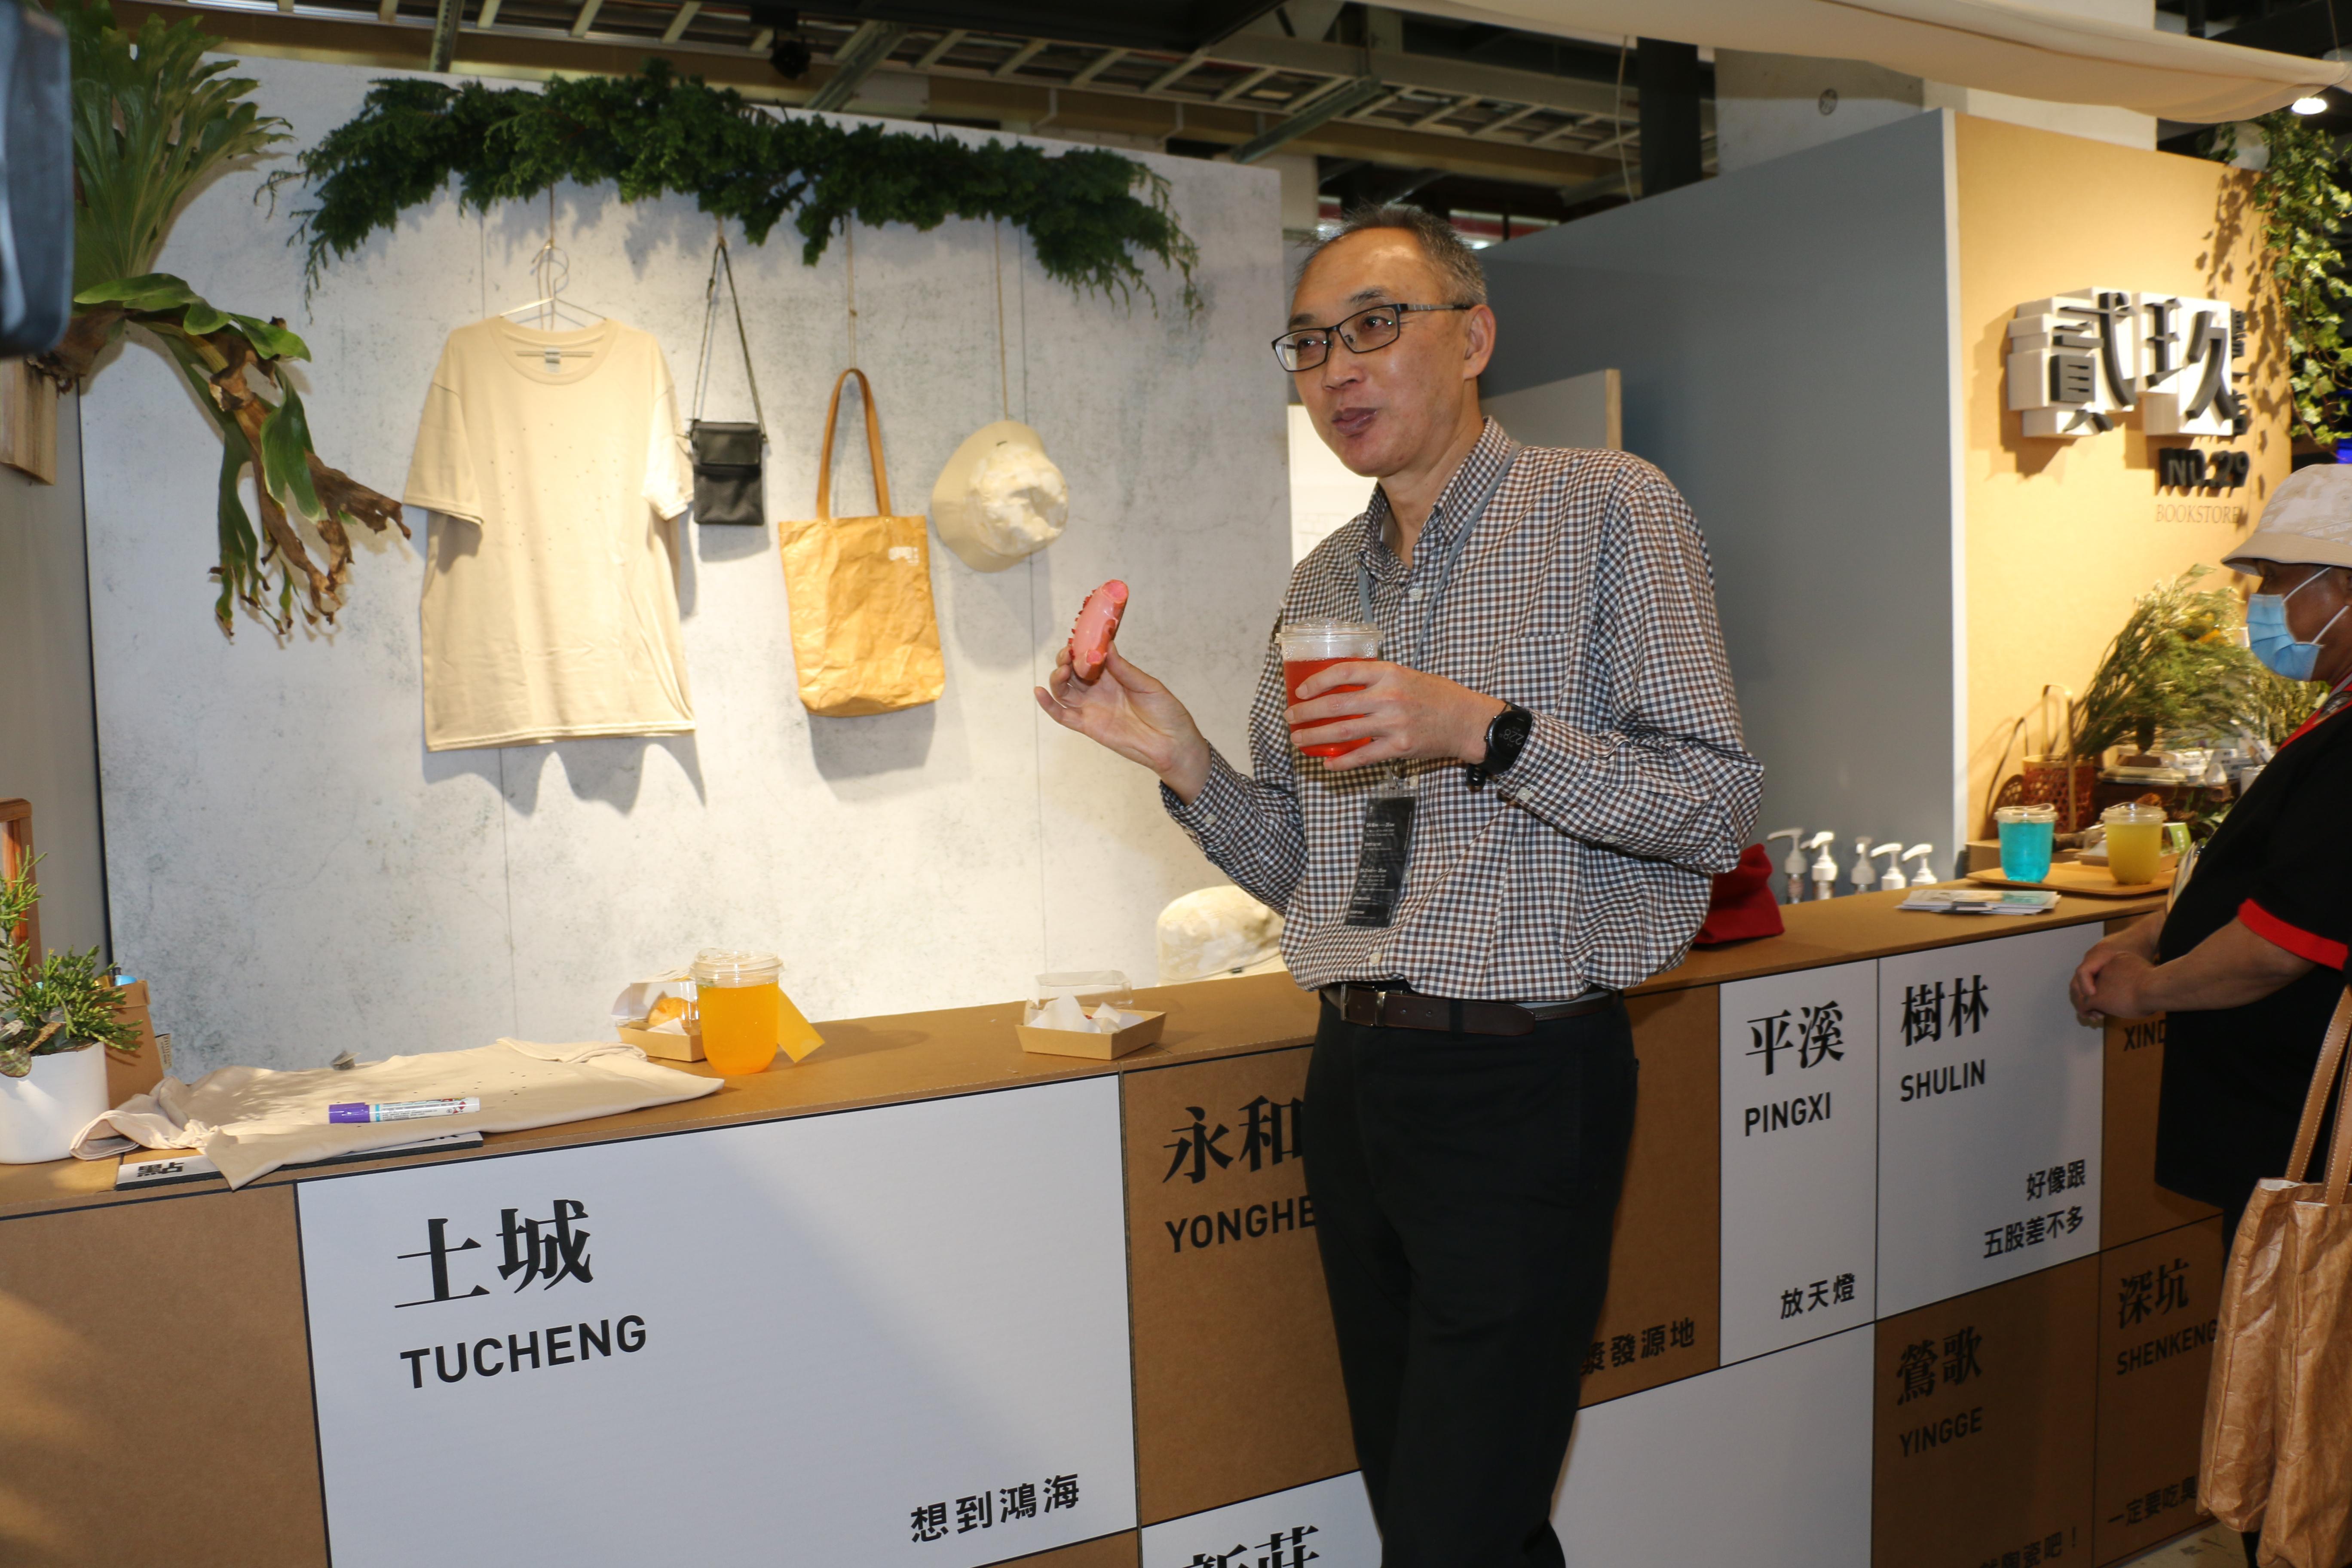 副市長謝政達邀請民眾來看看展覽,品嚐美食,不妨猜猜不同顏色代表那個區域。(圖/李梅瑛)